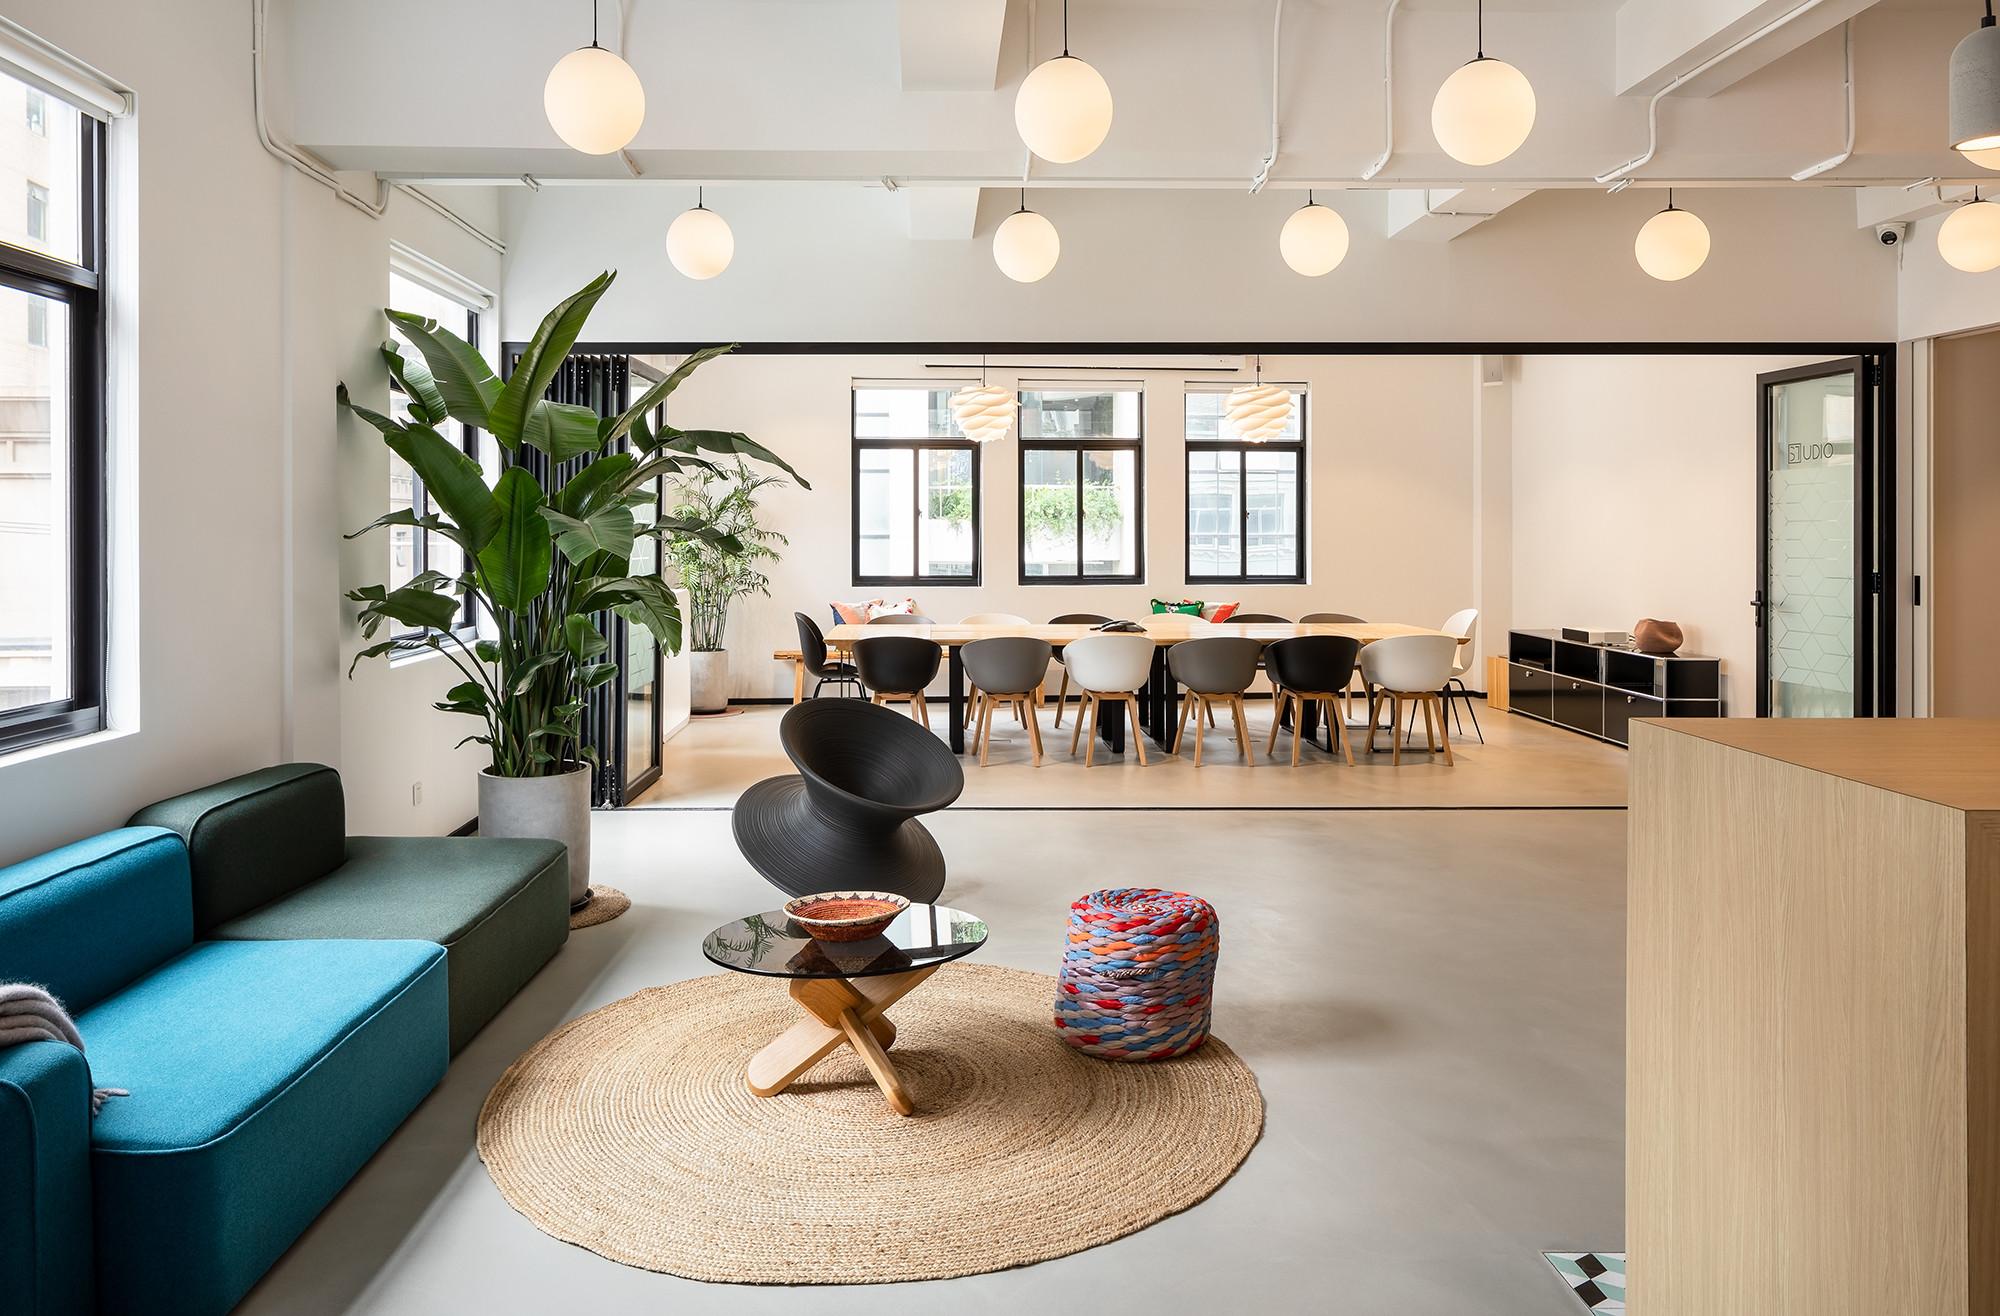 Hcreates Interior Design Shanghai China